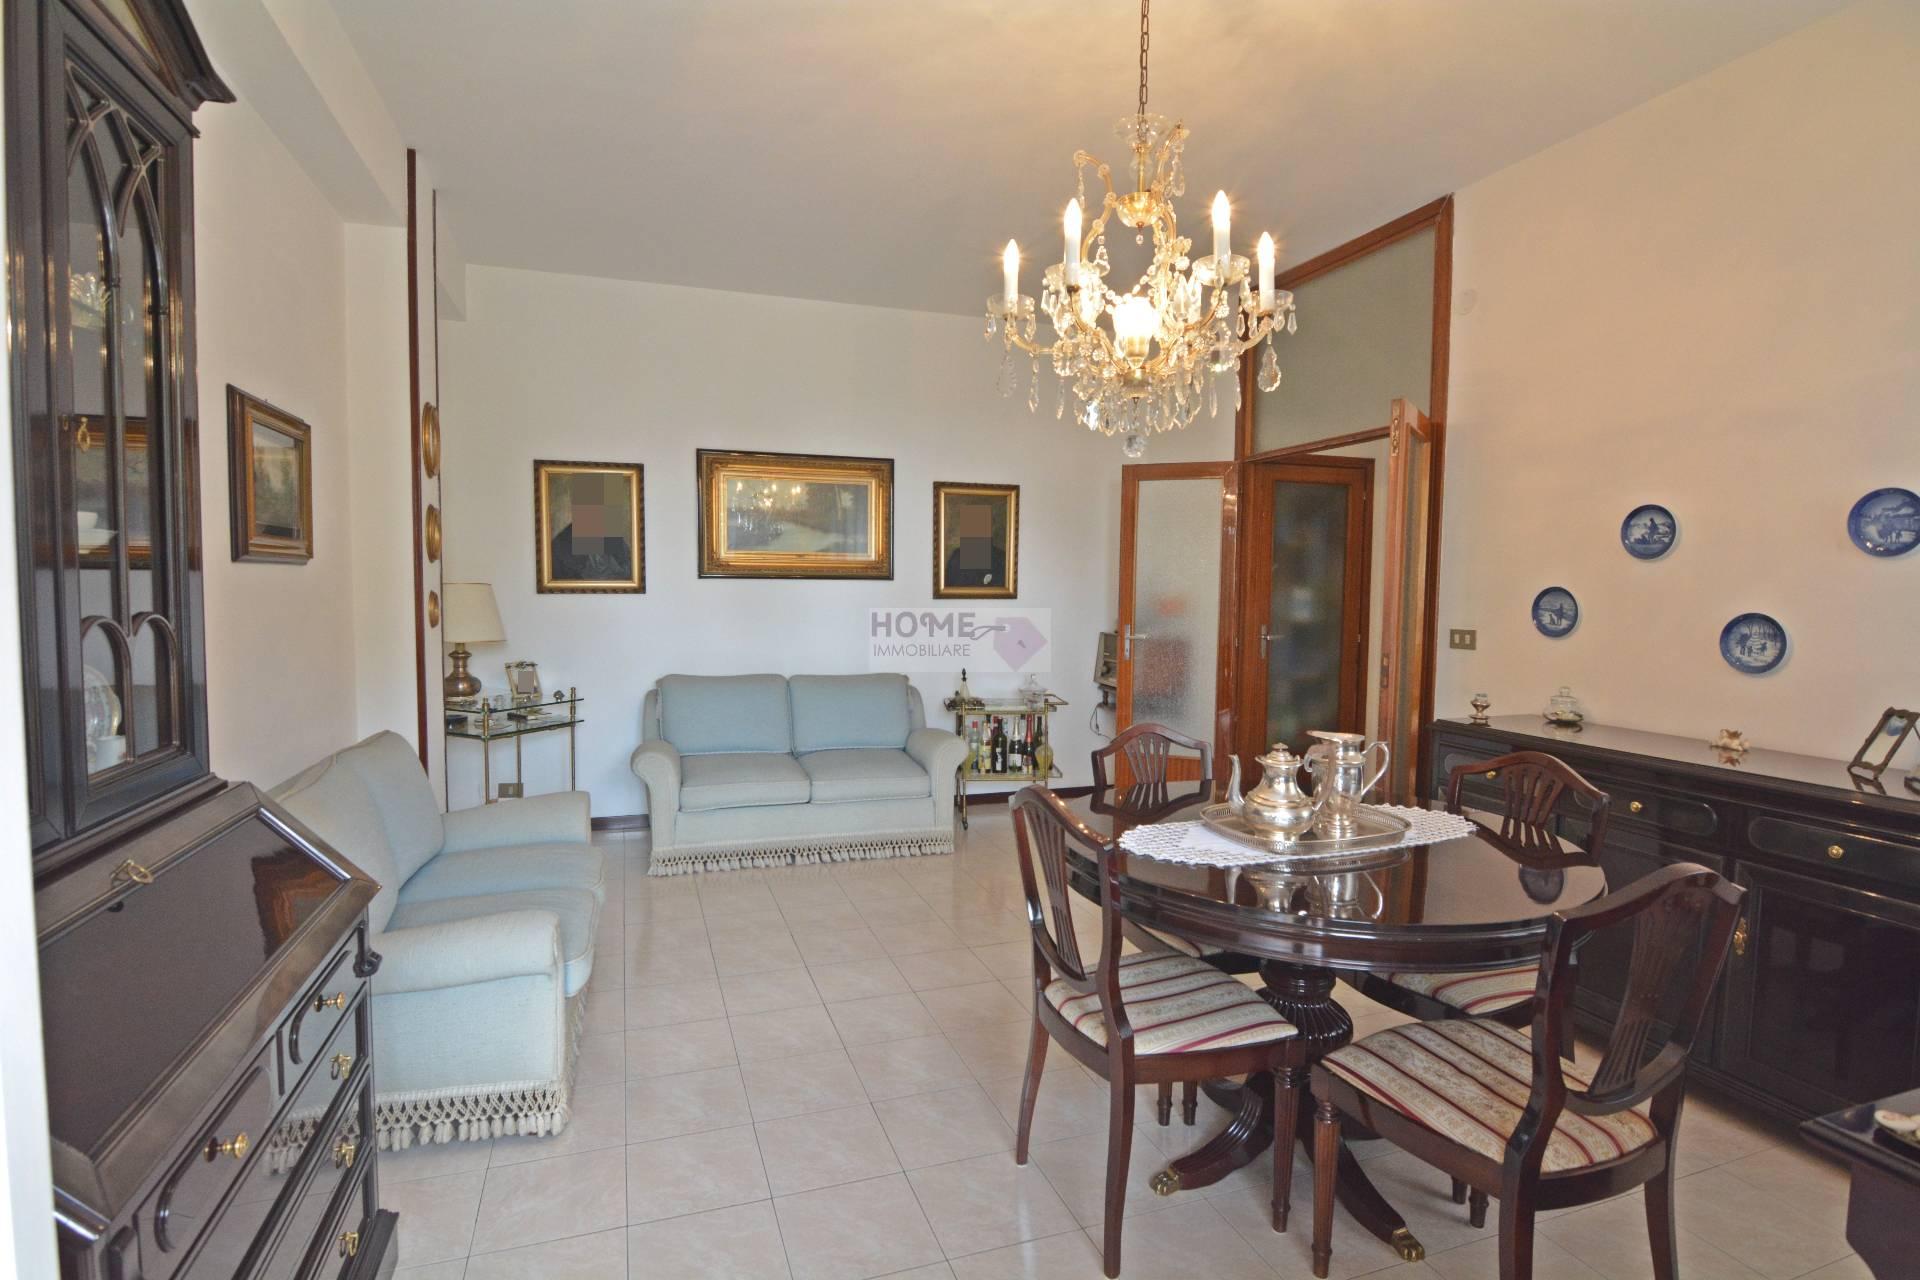 Appartamento in vendita a Macerata, 5 locali, zona Località: ZonaStadio, prezzo € 120.000 | Cambio Casa.it